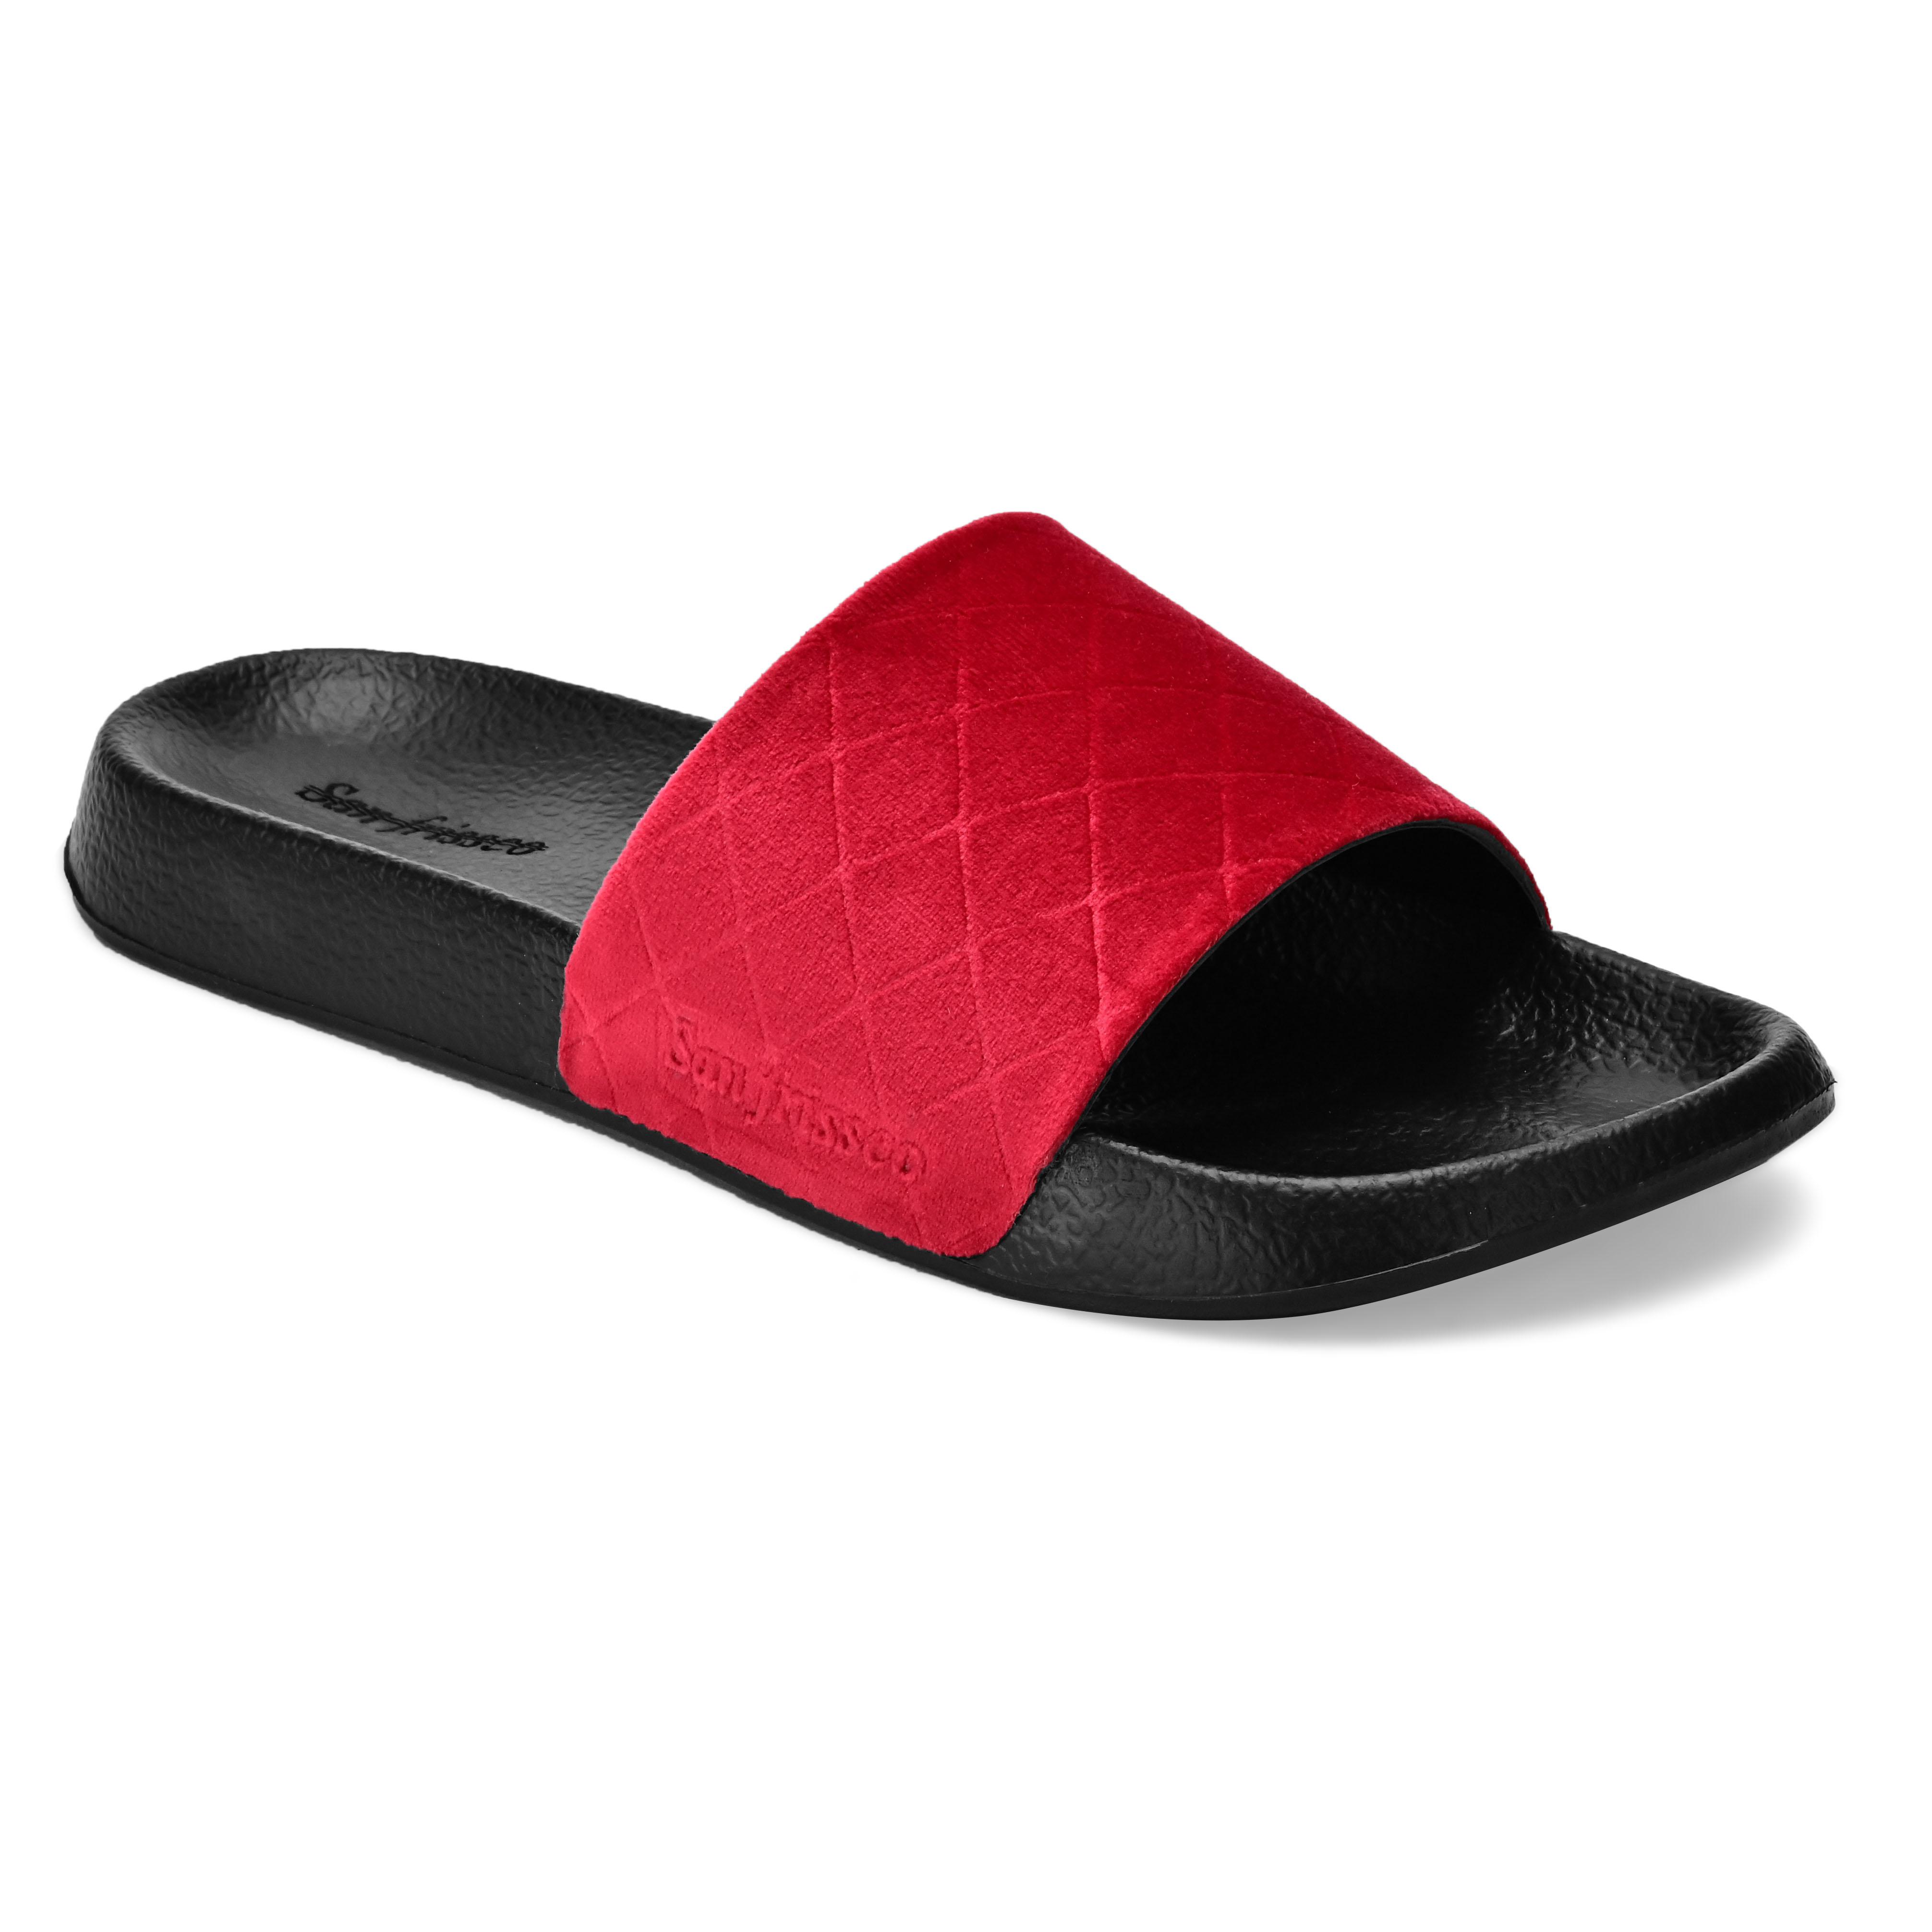 San Frissco | San Frissco Men Faux Leather Red Volt Velour Comfort Sliders